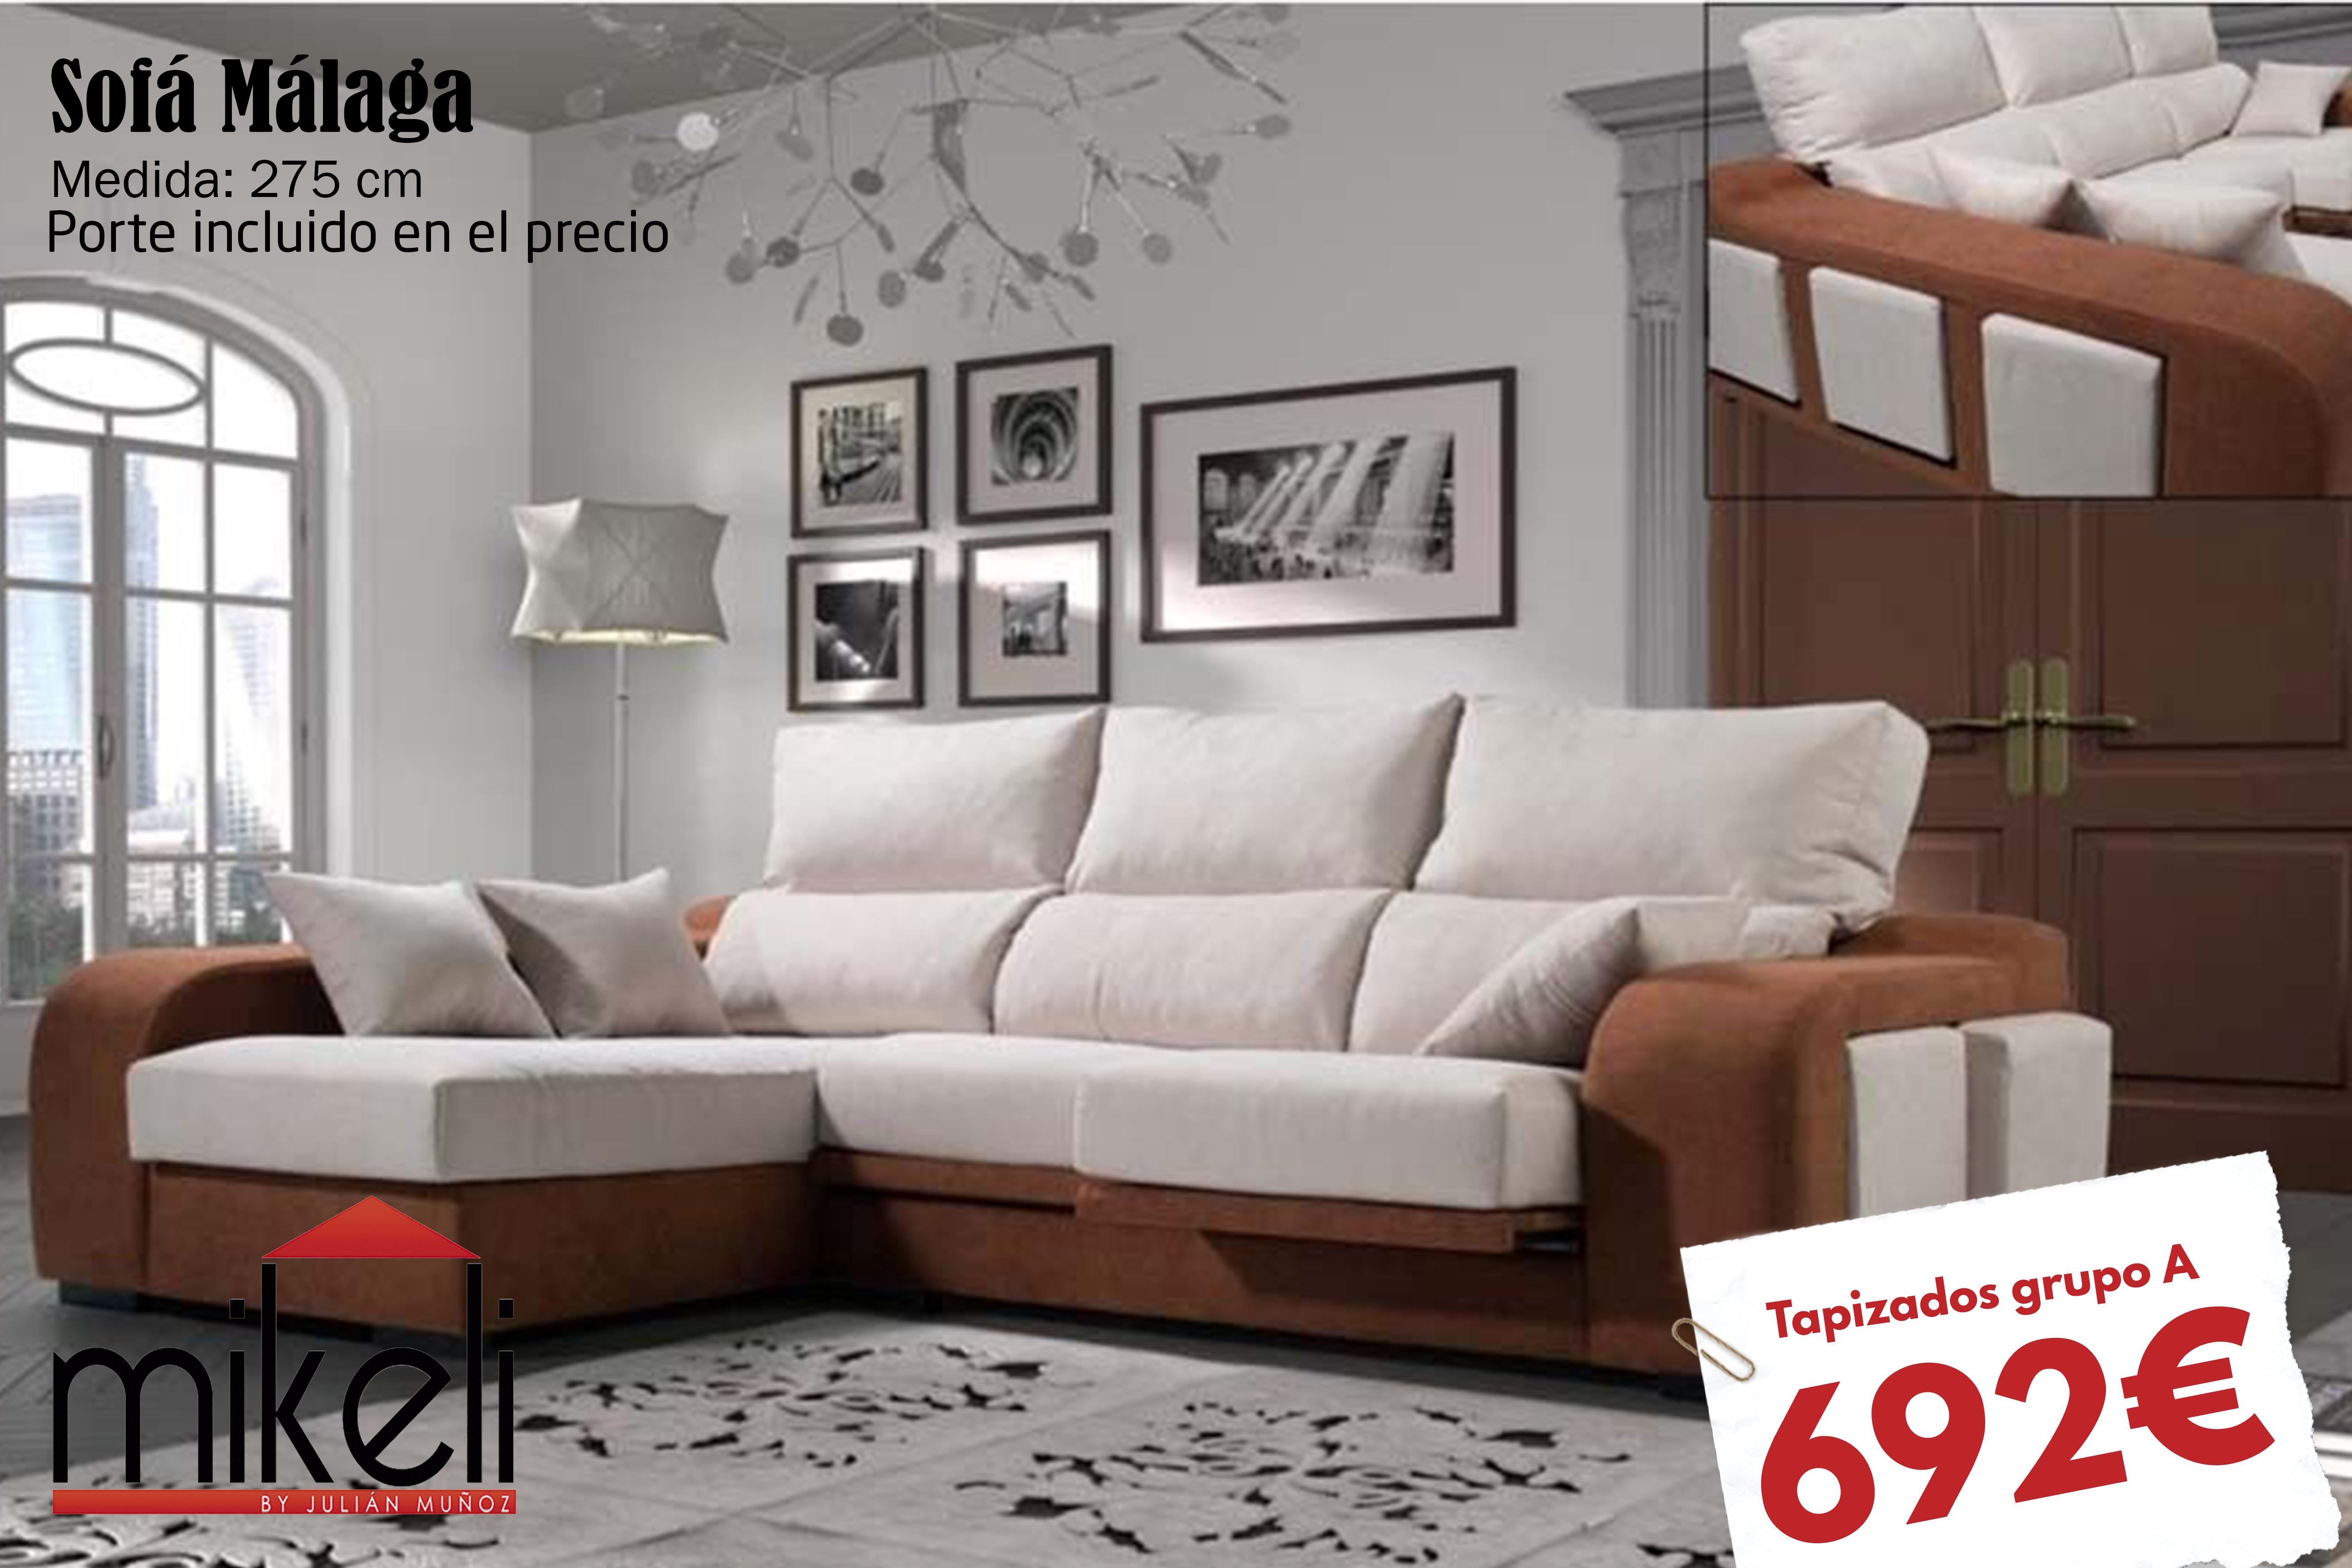 Sofa Malaga Rudeca Mikeli Tu Tienda De Muebles A Precios  # Muebles A Medida Ceuta